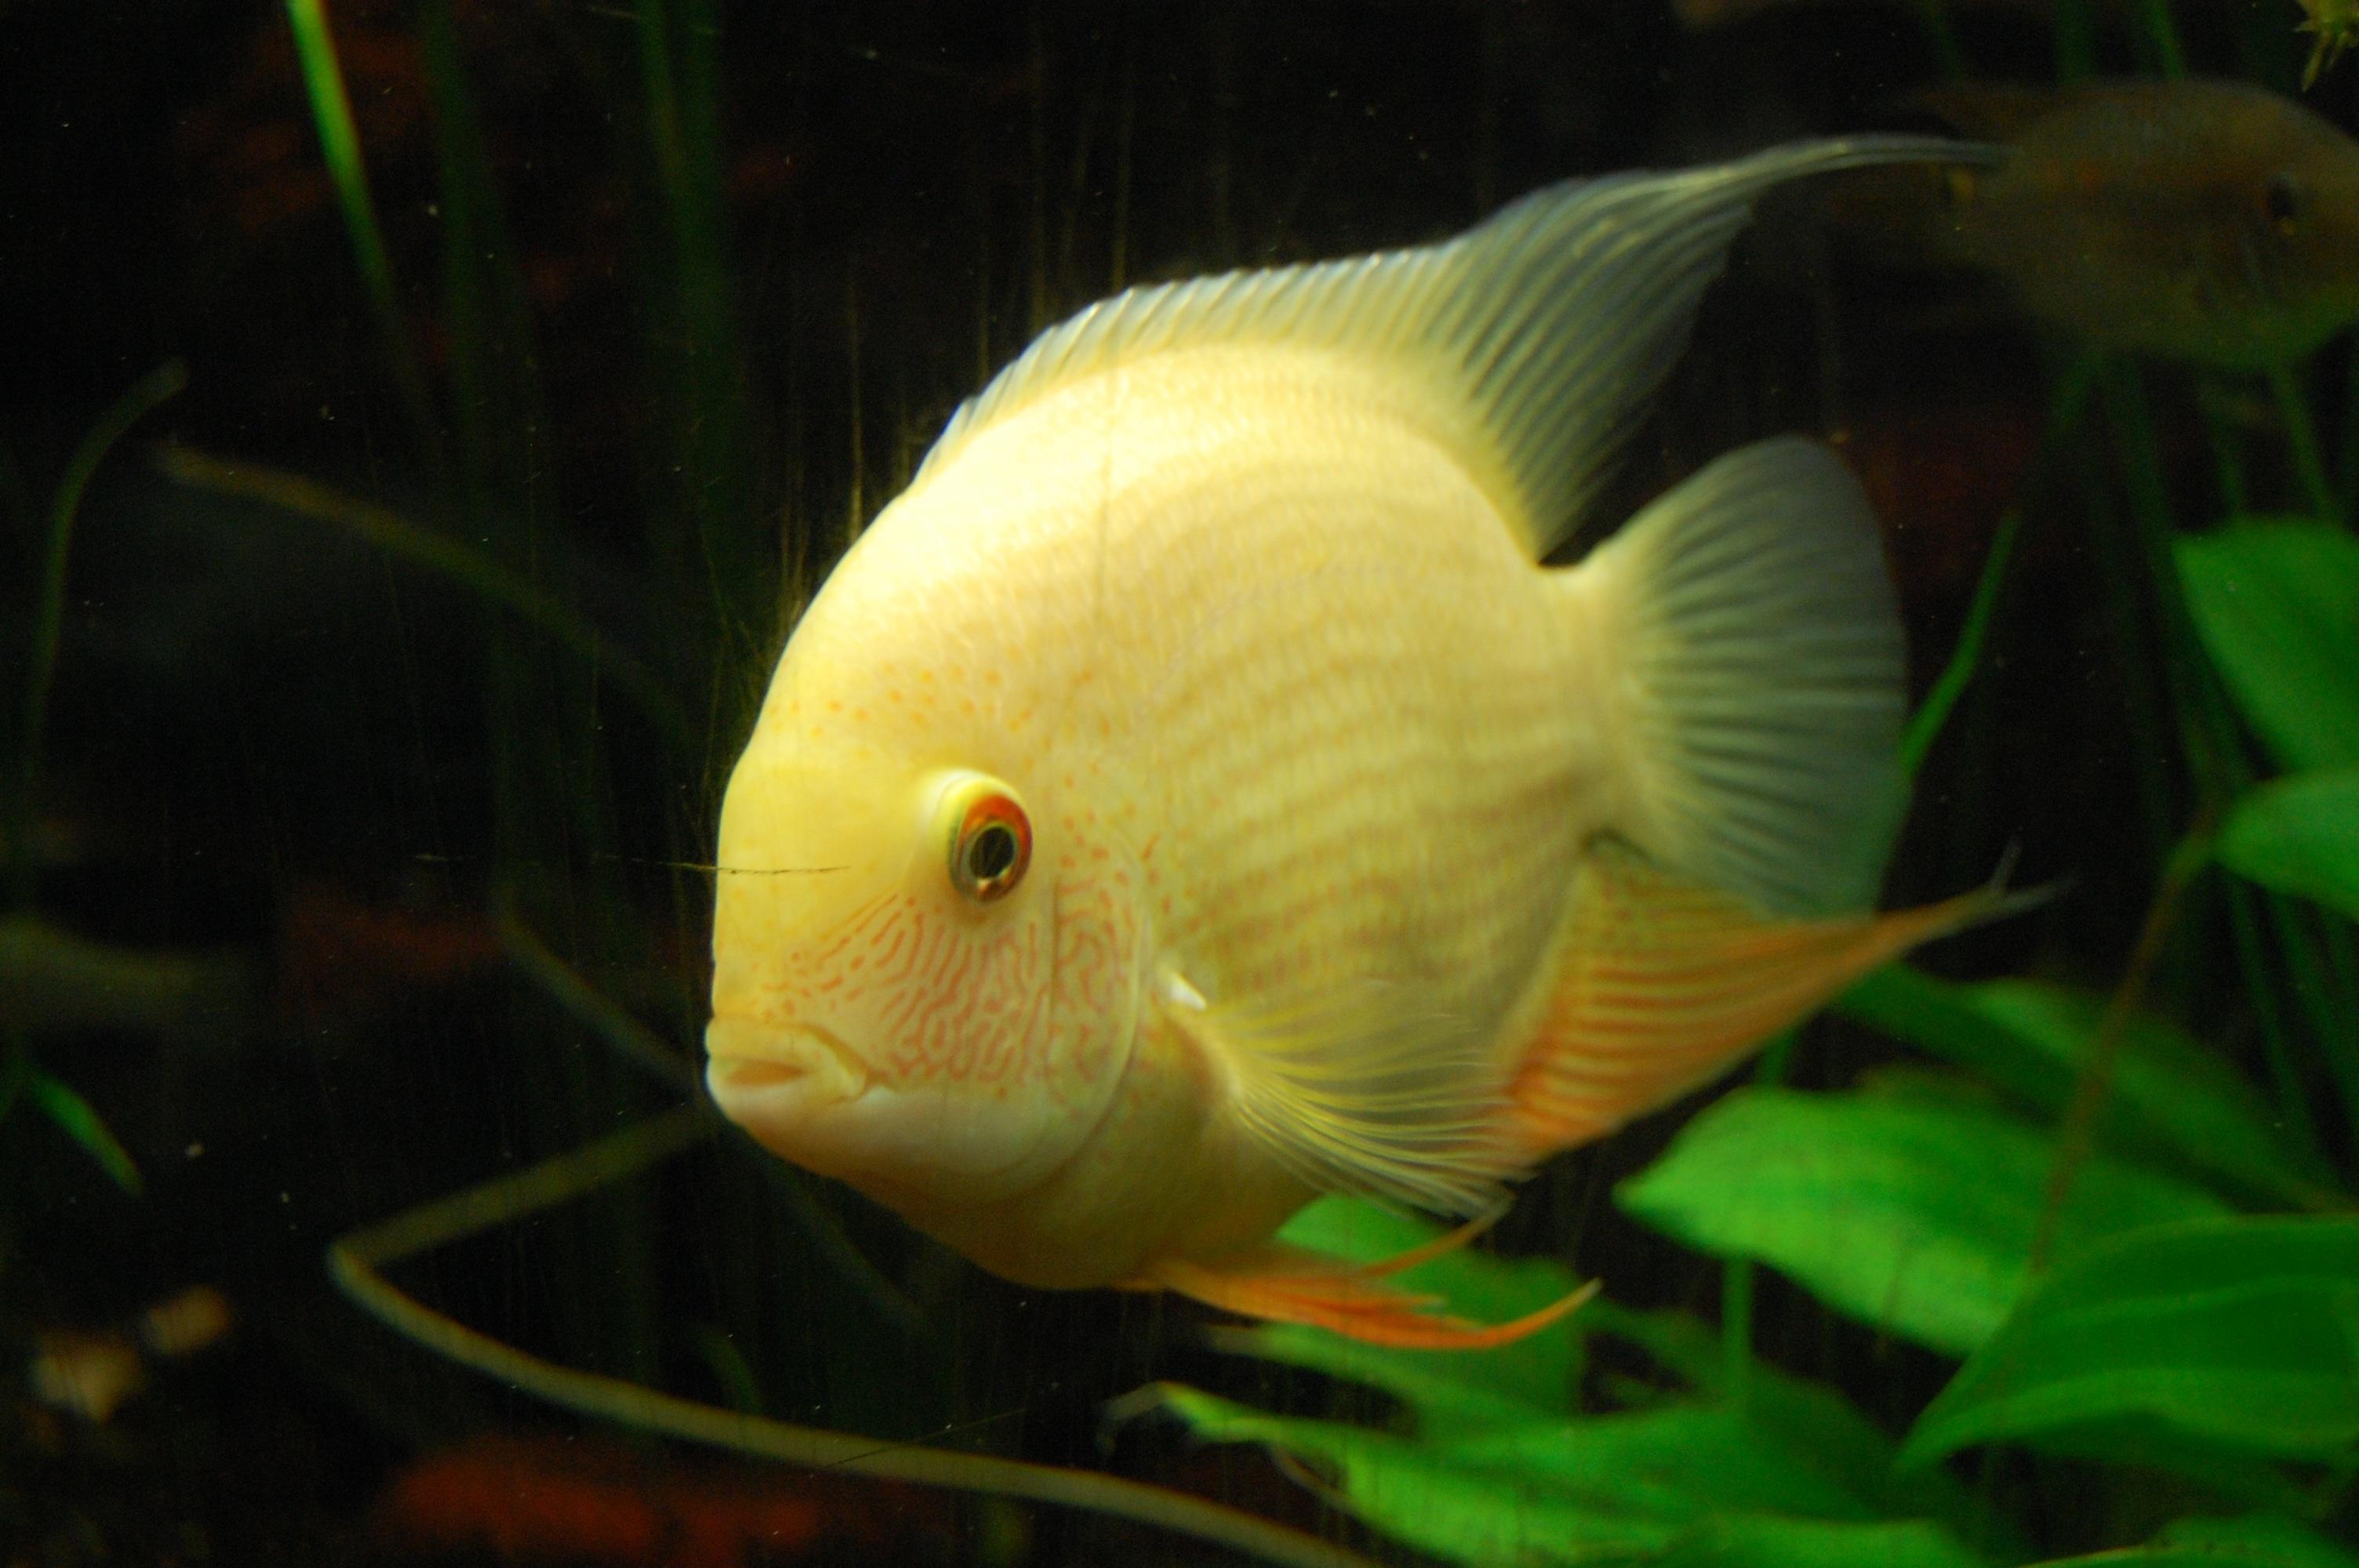 Fotos gratis : verde, color, biología, amarillo, pescado, fauna ...